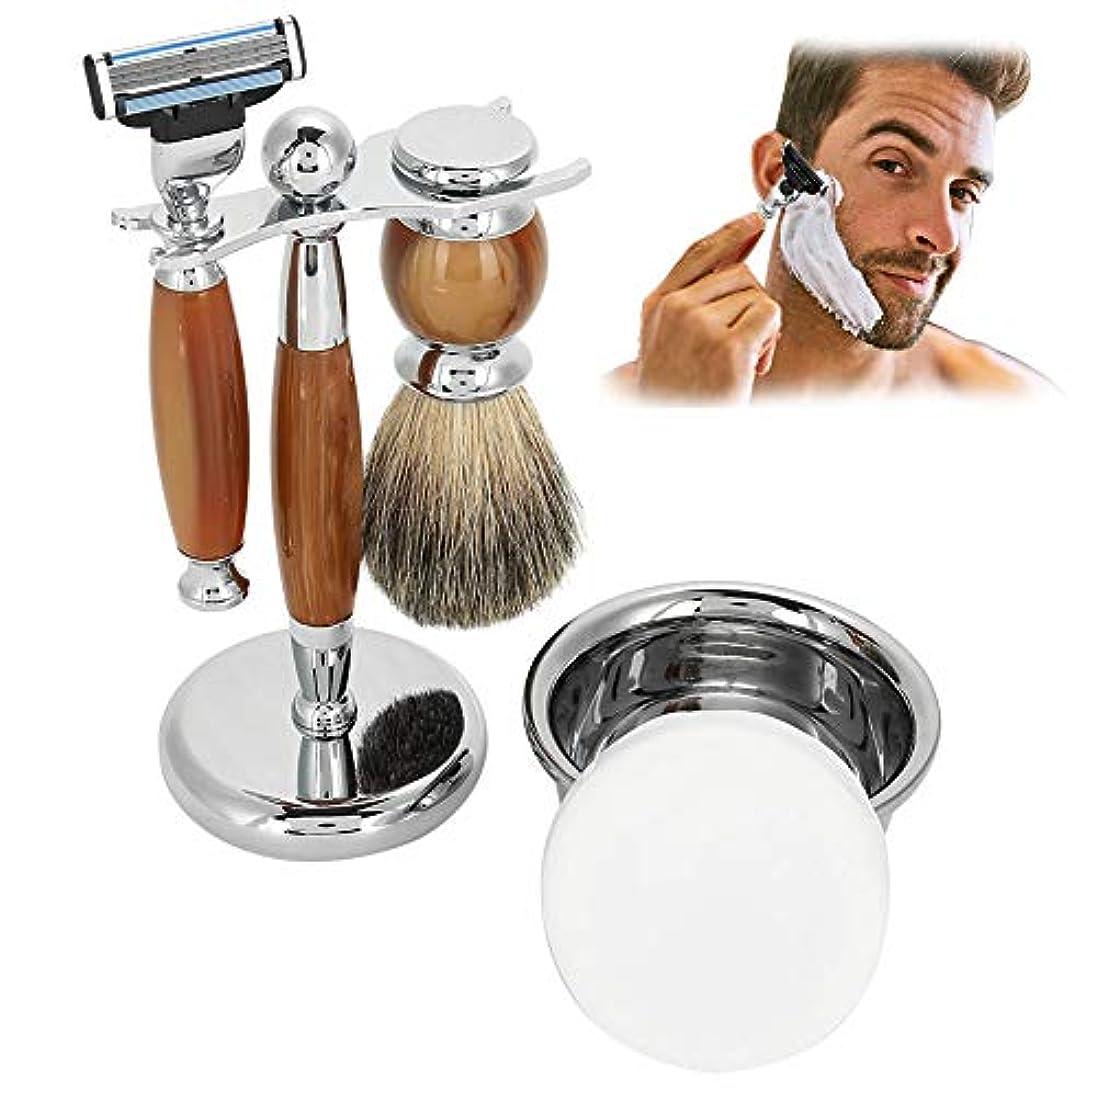 植生電信代表するSemme 5 in 1シェービングセットメンズ耐久性のある剃毛ツール高級木製ハンドル手動シェーバーブラシスタンドステンレス鋼シェービングボウルと石鹸(#2(模造瑪瑙箱))